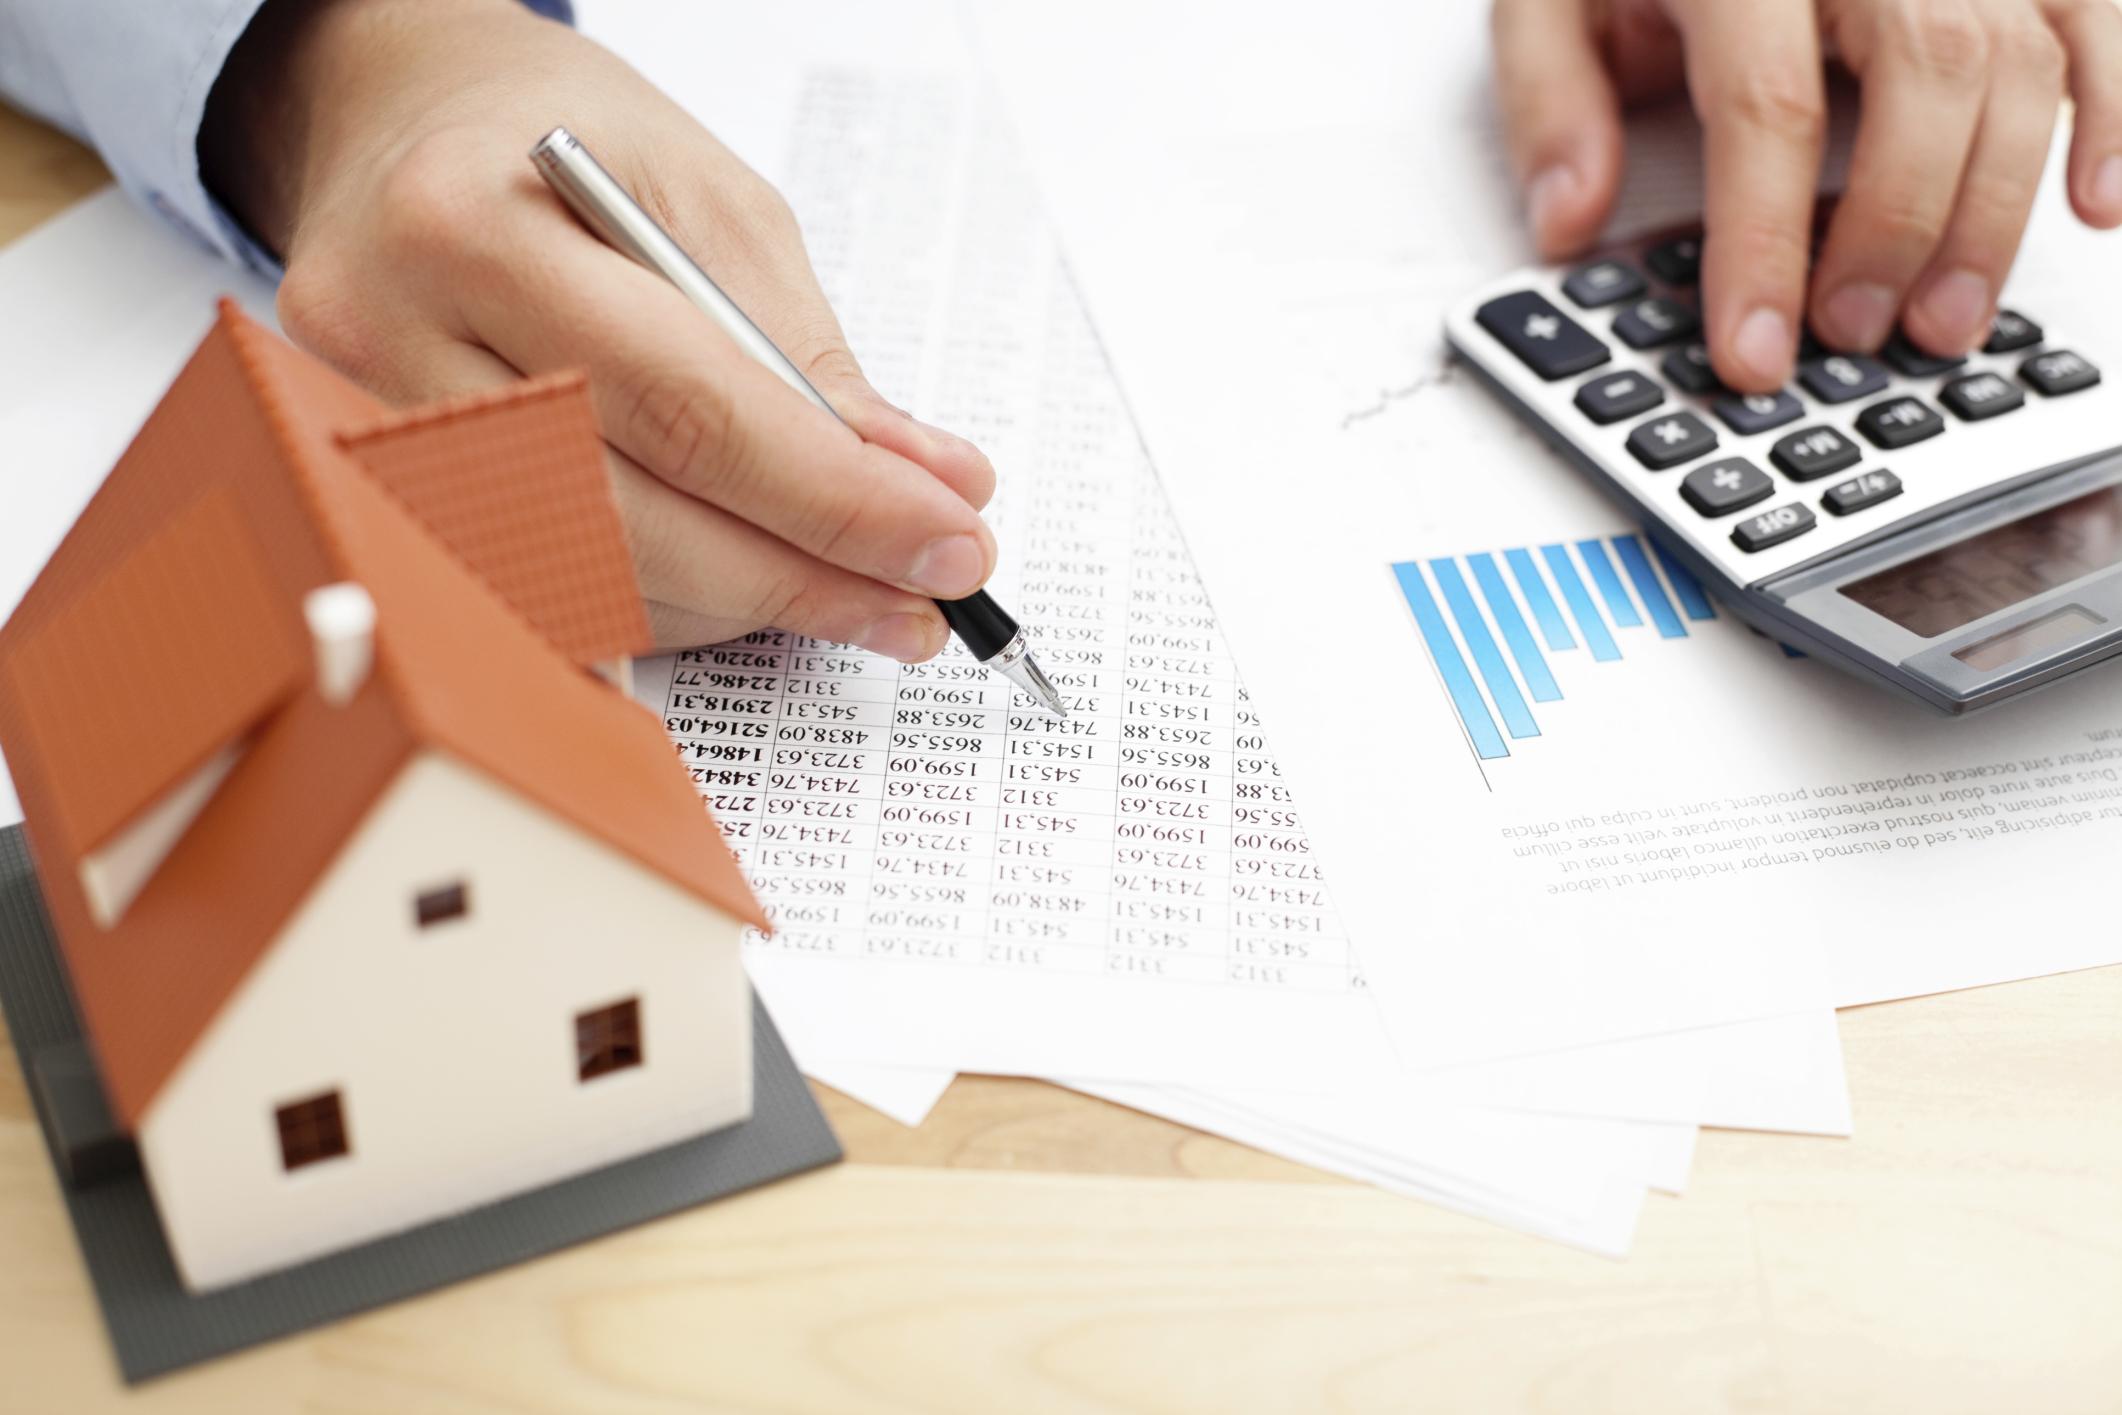 Стоит ли обращаться к ипотечным брокерам справку из банка Кисельный Нижний переулок